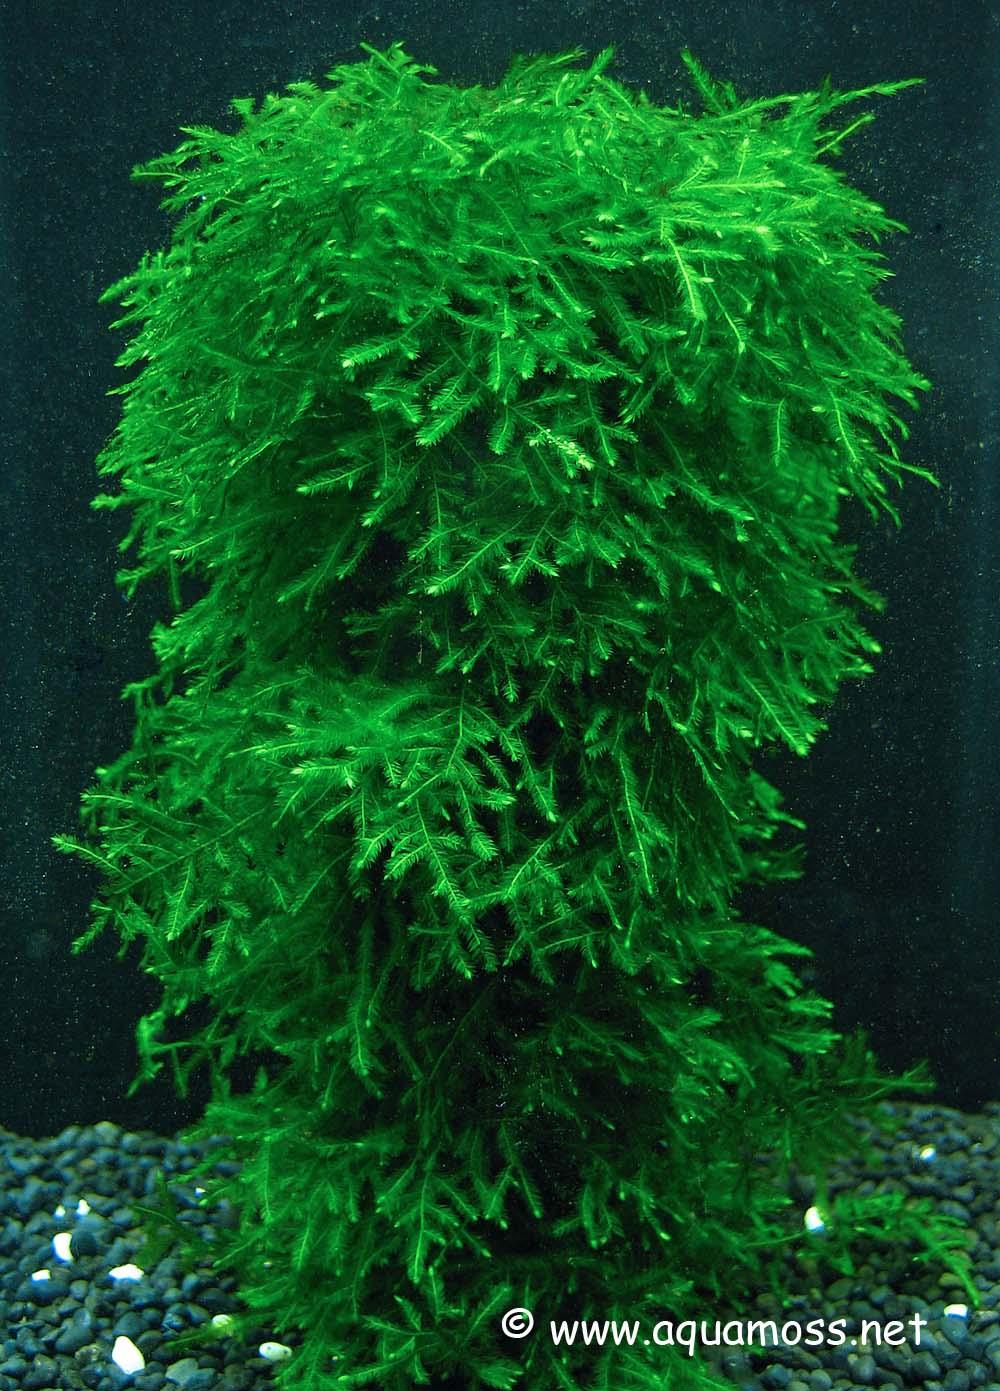 Rêu thủy sinh được buộc vào giá thể - sau một thời gian chăm sóc